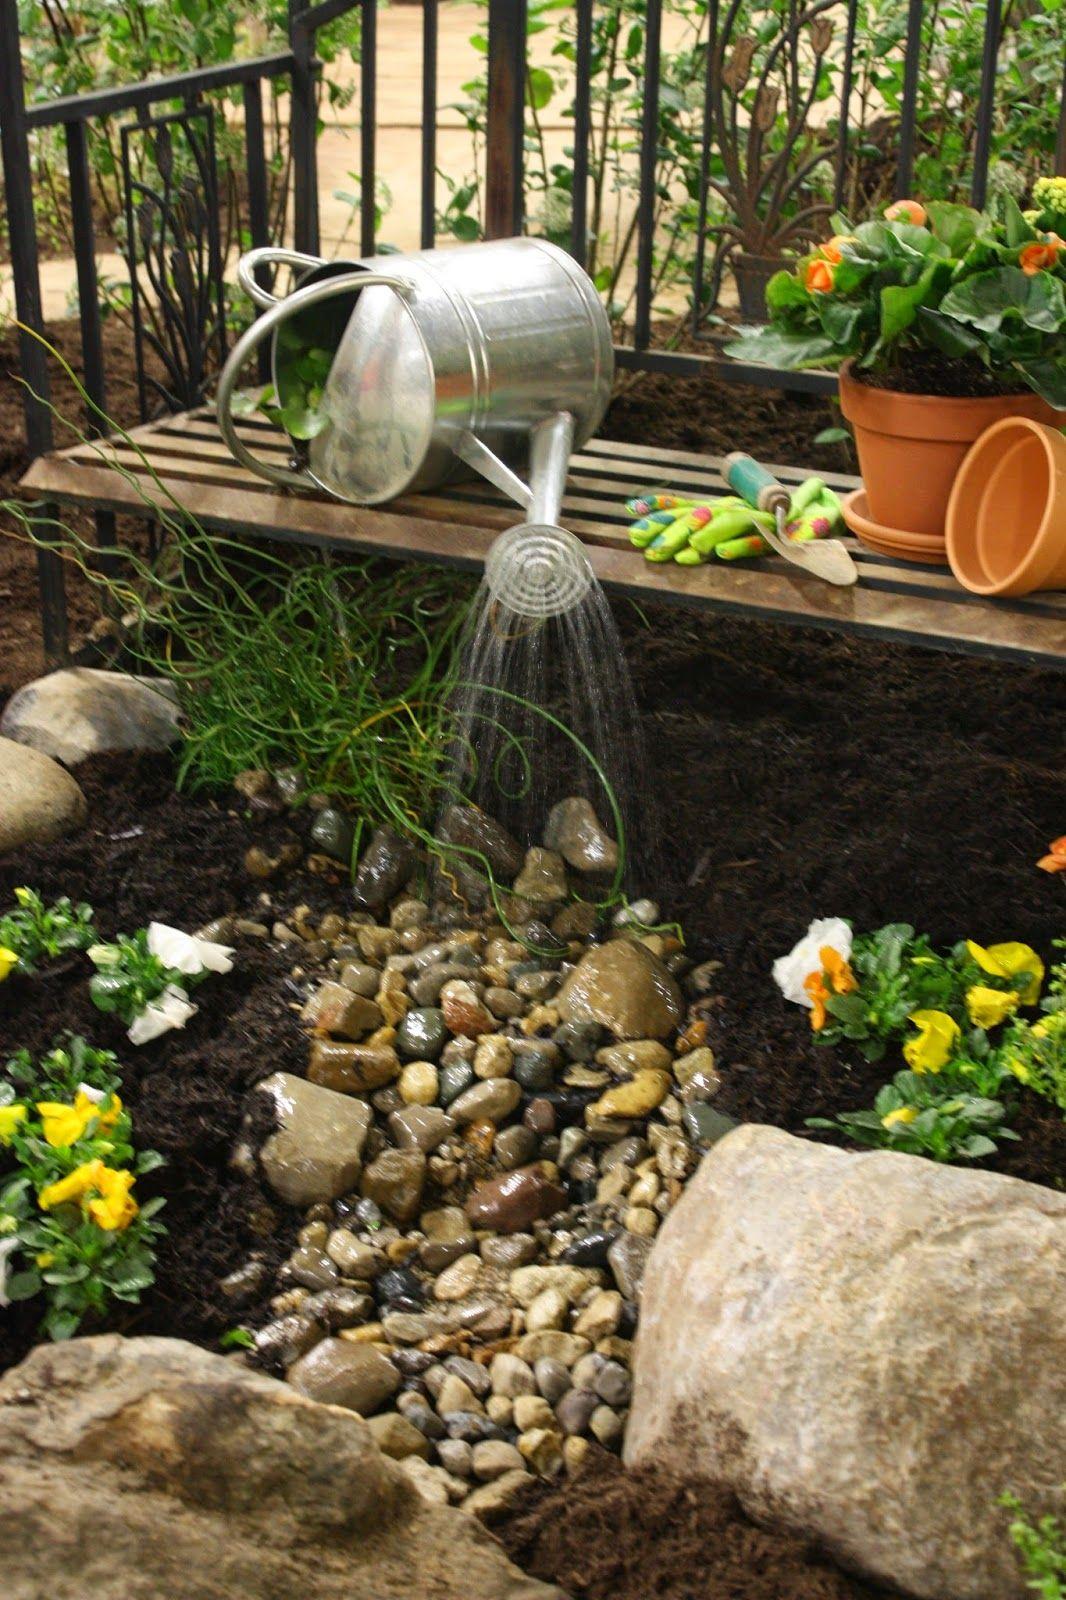 Garden Thyme with the Creative Gardener Garden